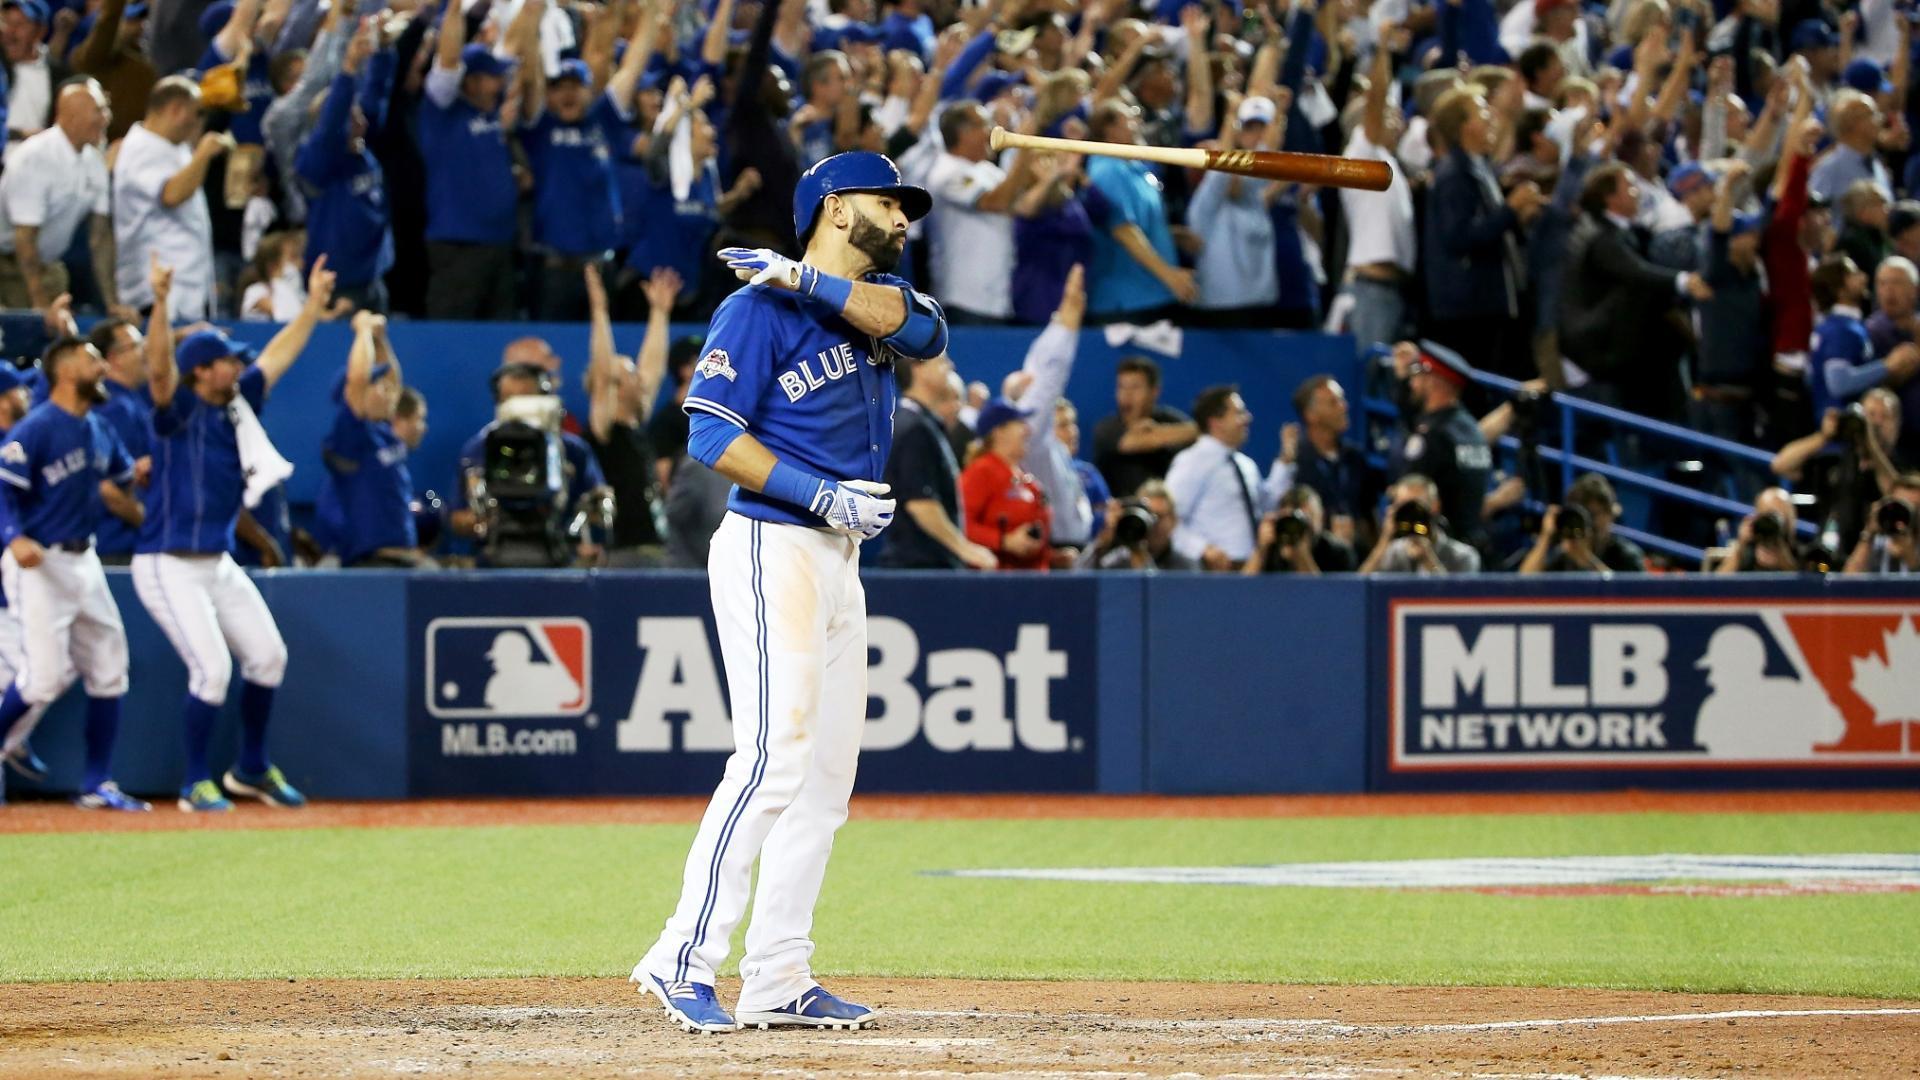 On this date: Bautista's epic bat flip